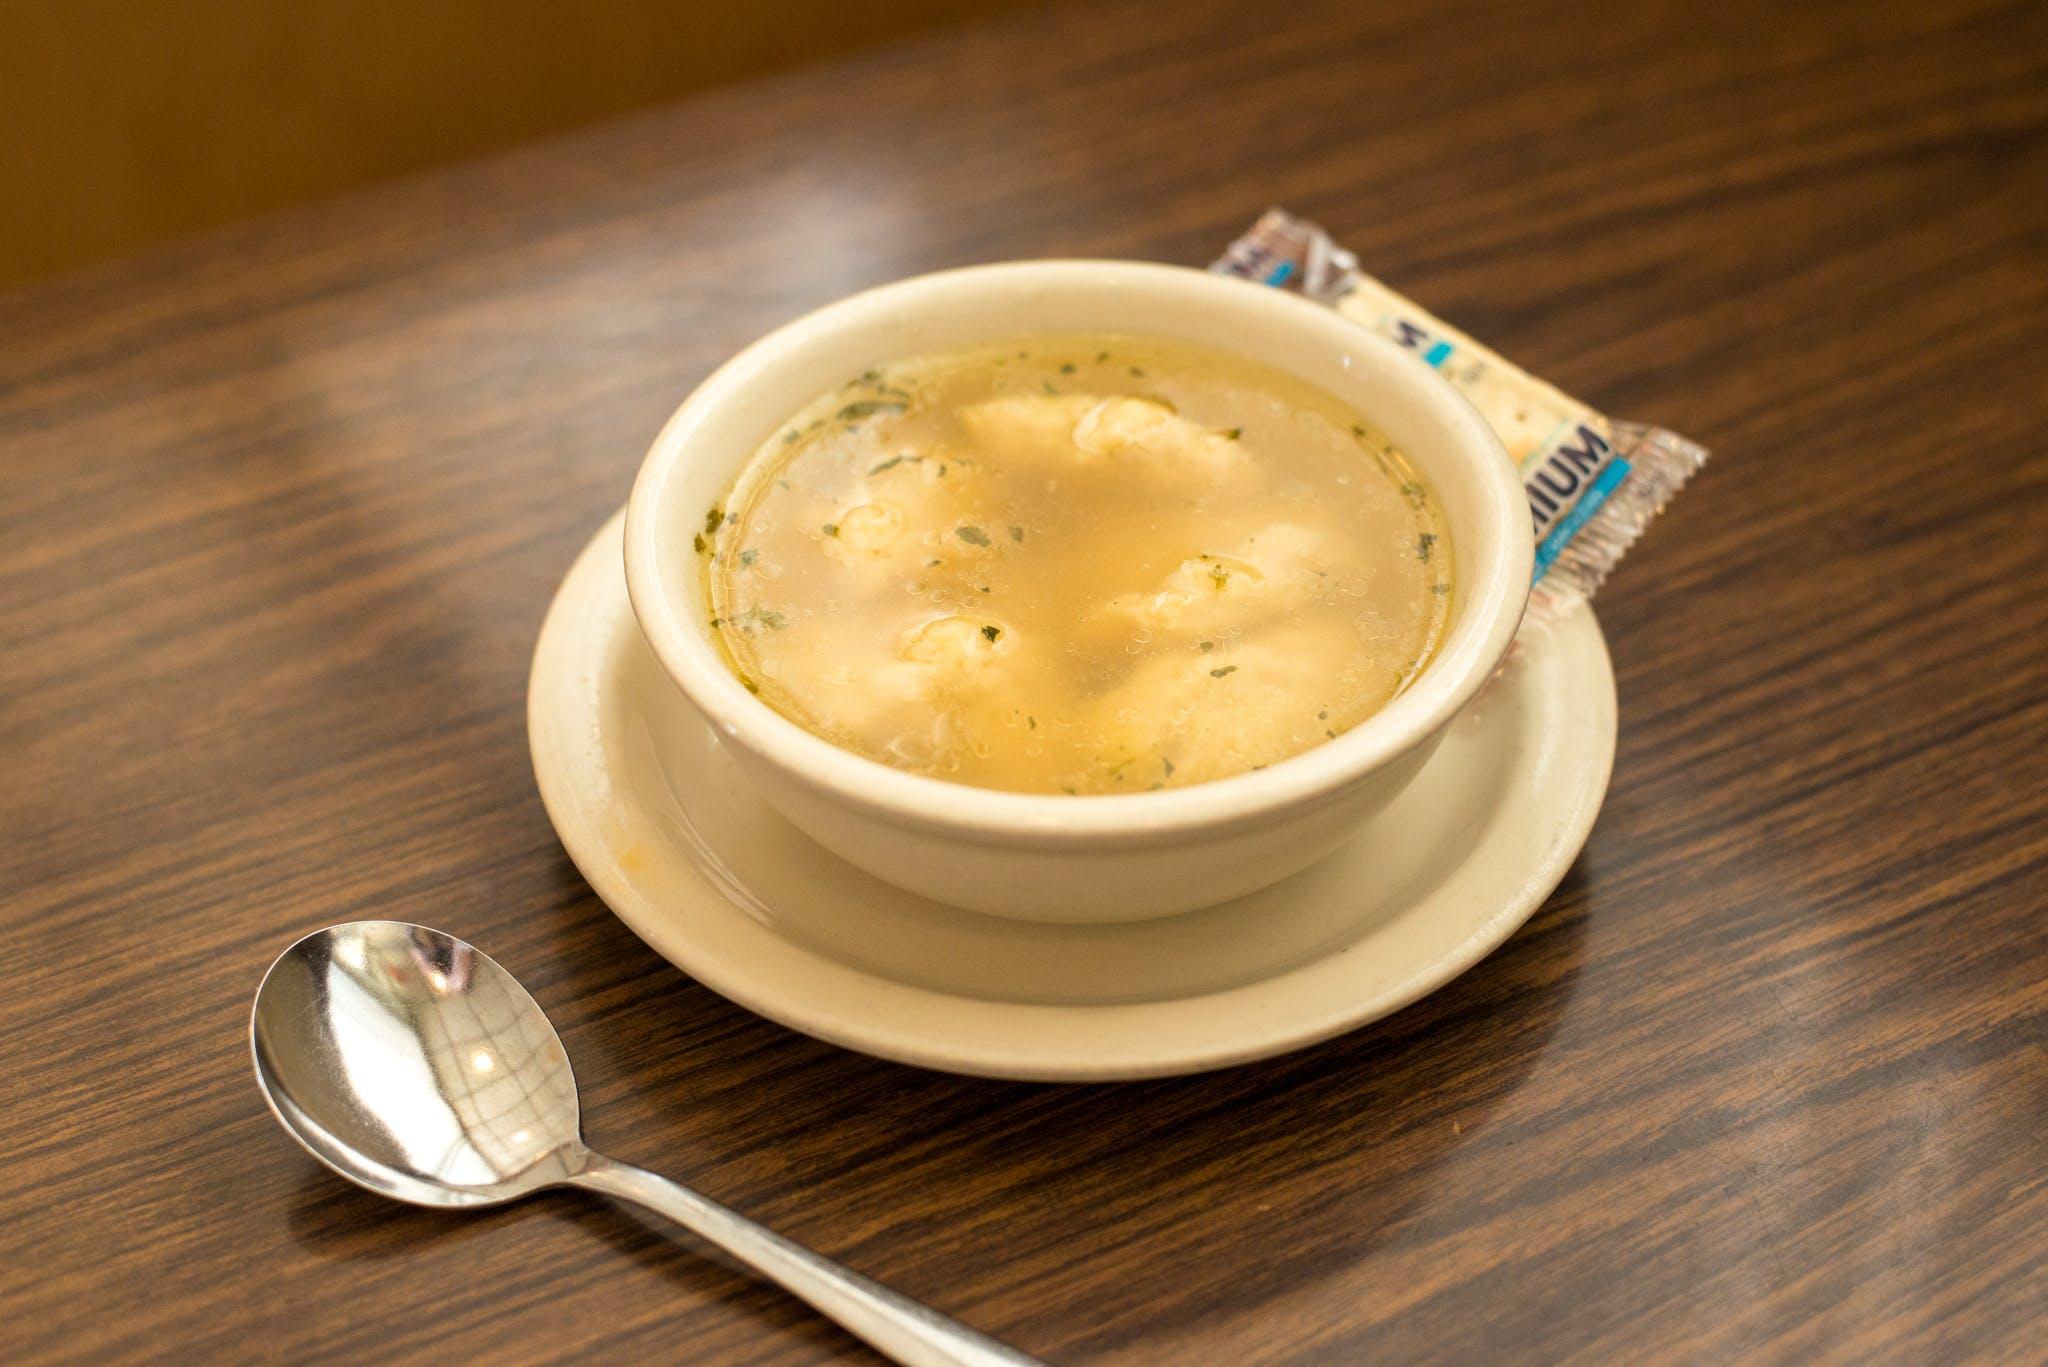 Dumpling Soup from Kroll's East in Green Bay, WI